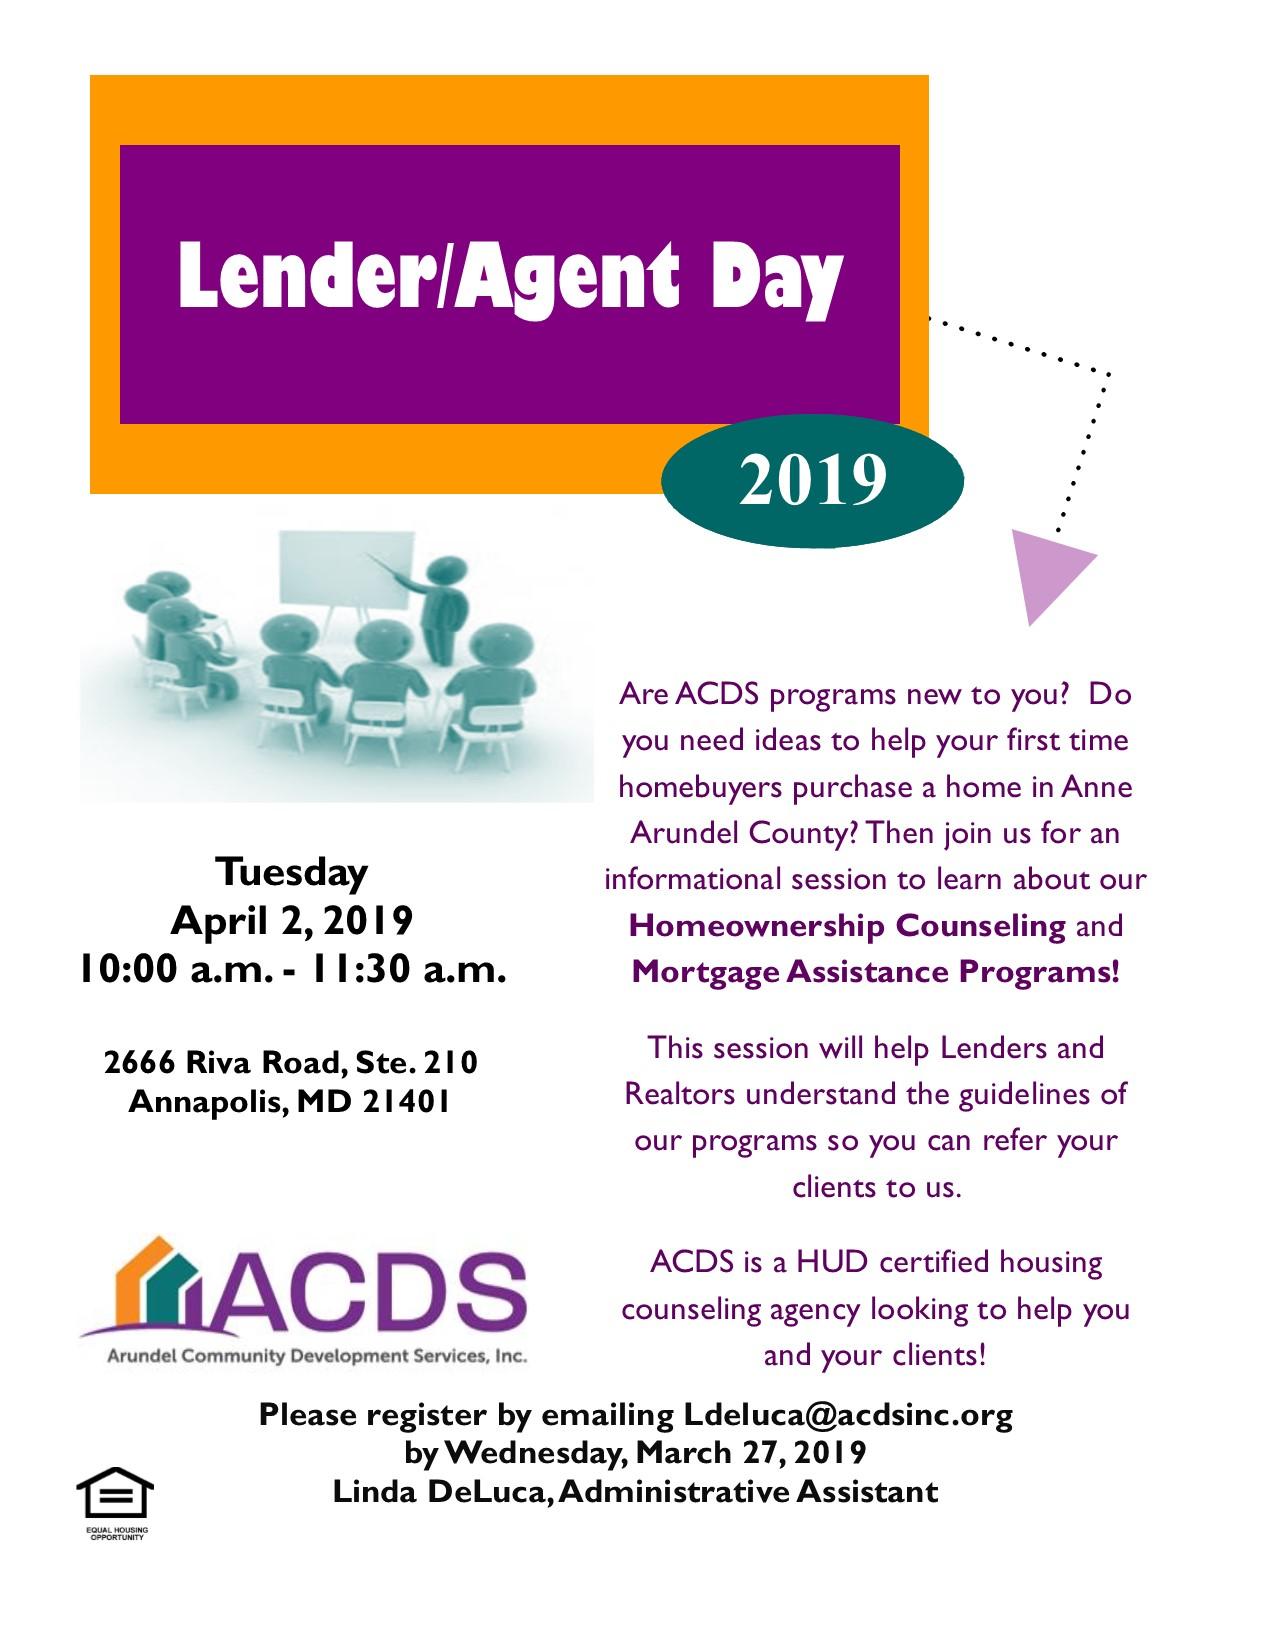 Lender Agent Day